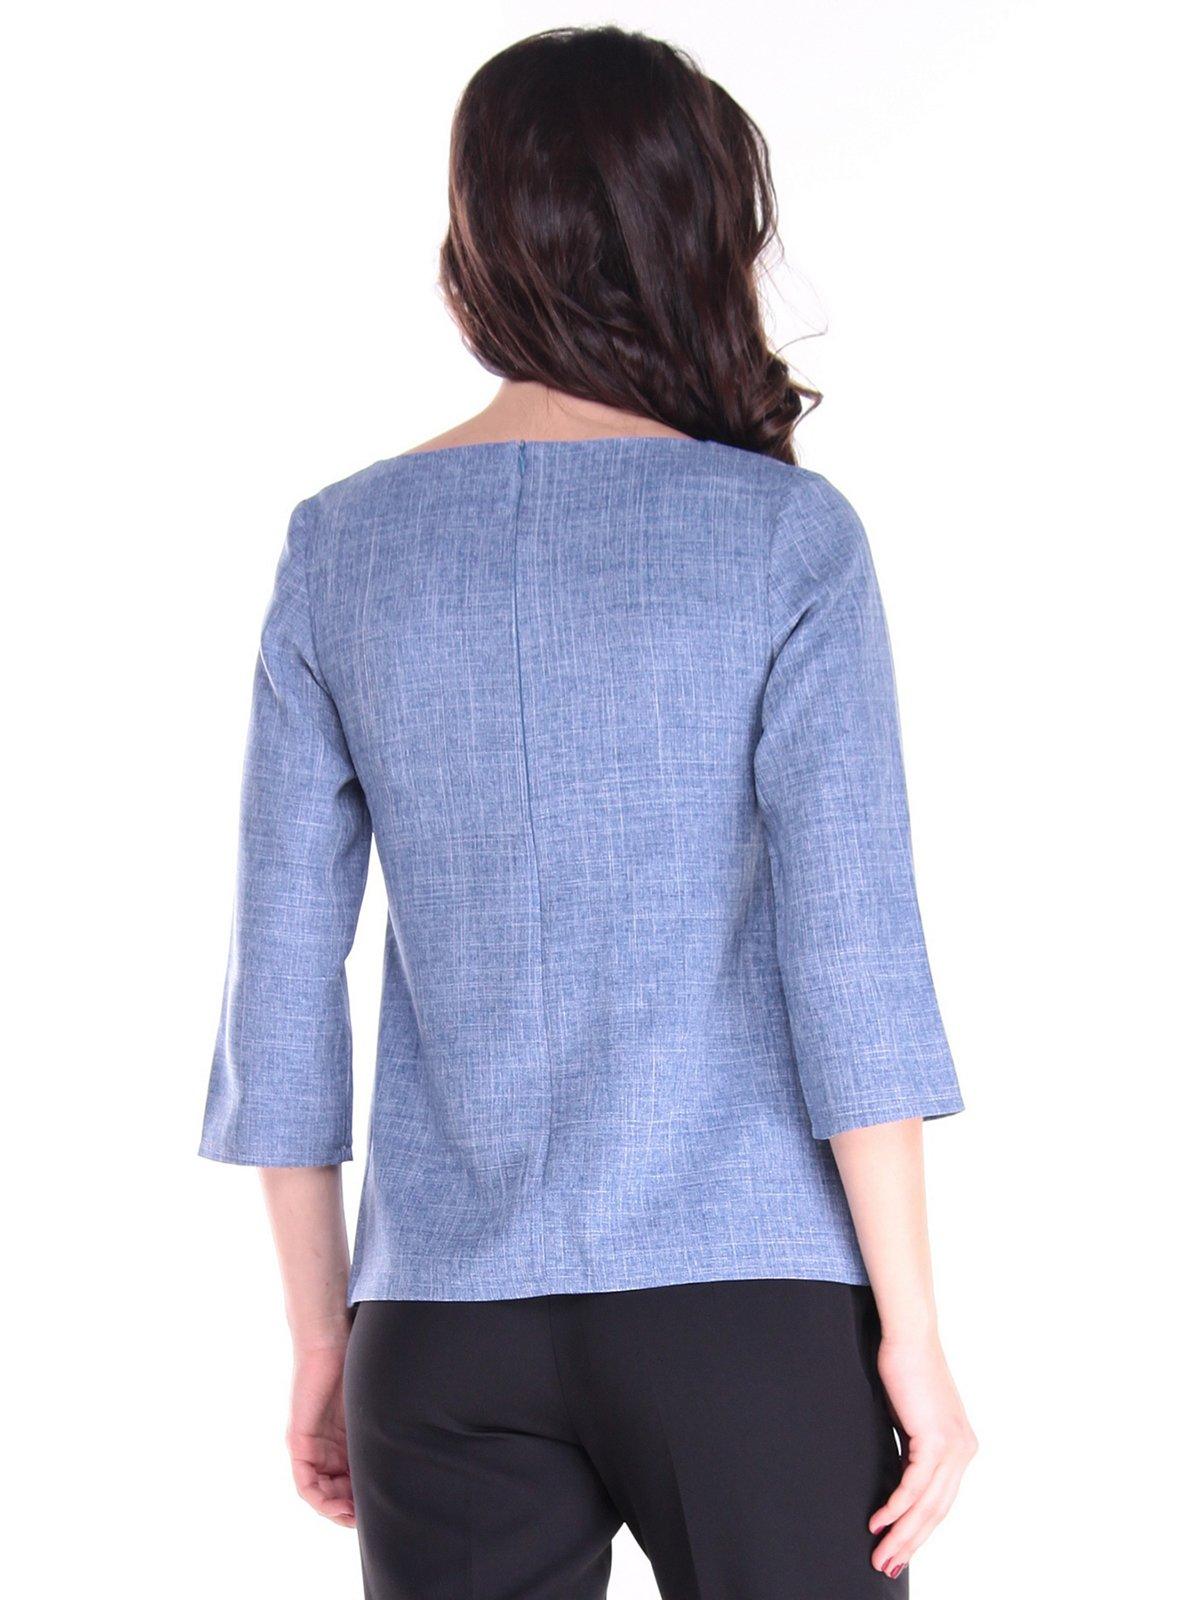 Блуза светло-сиреневая   2933267   фото 3